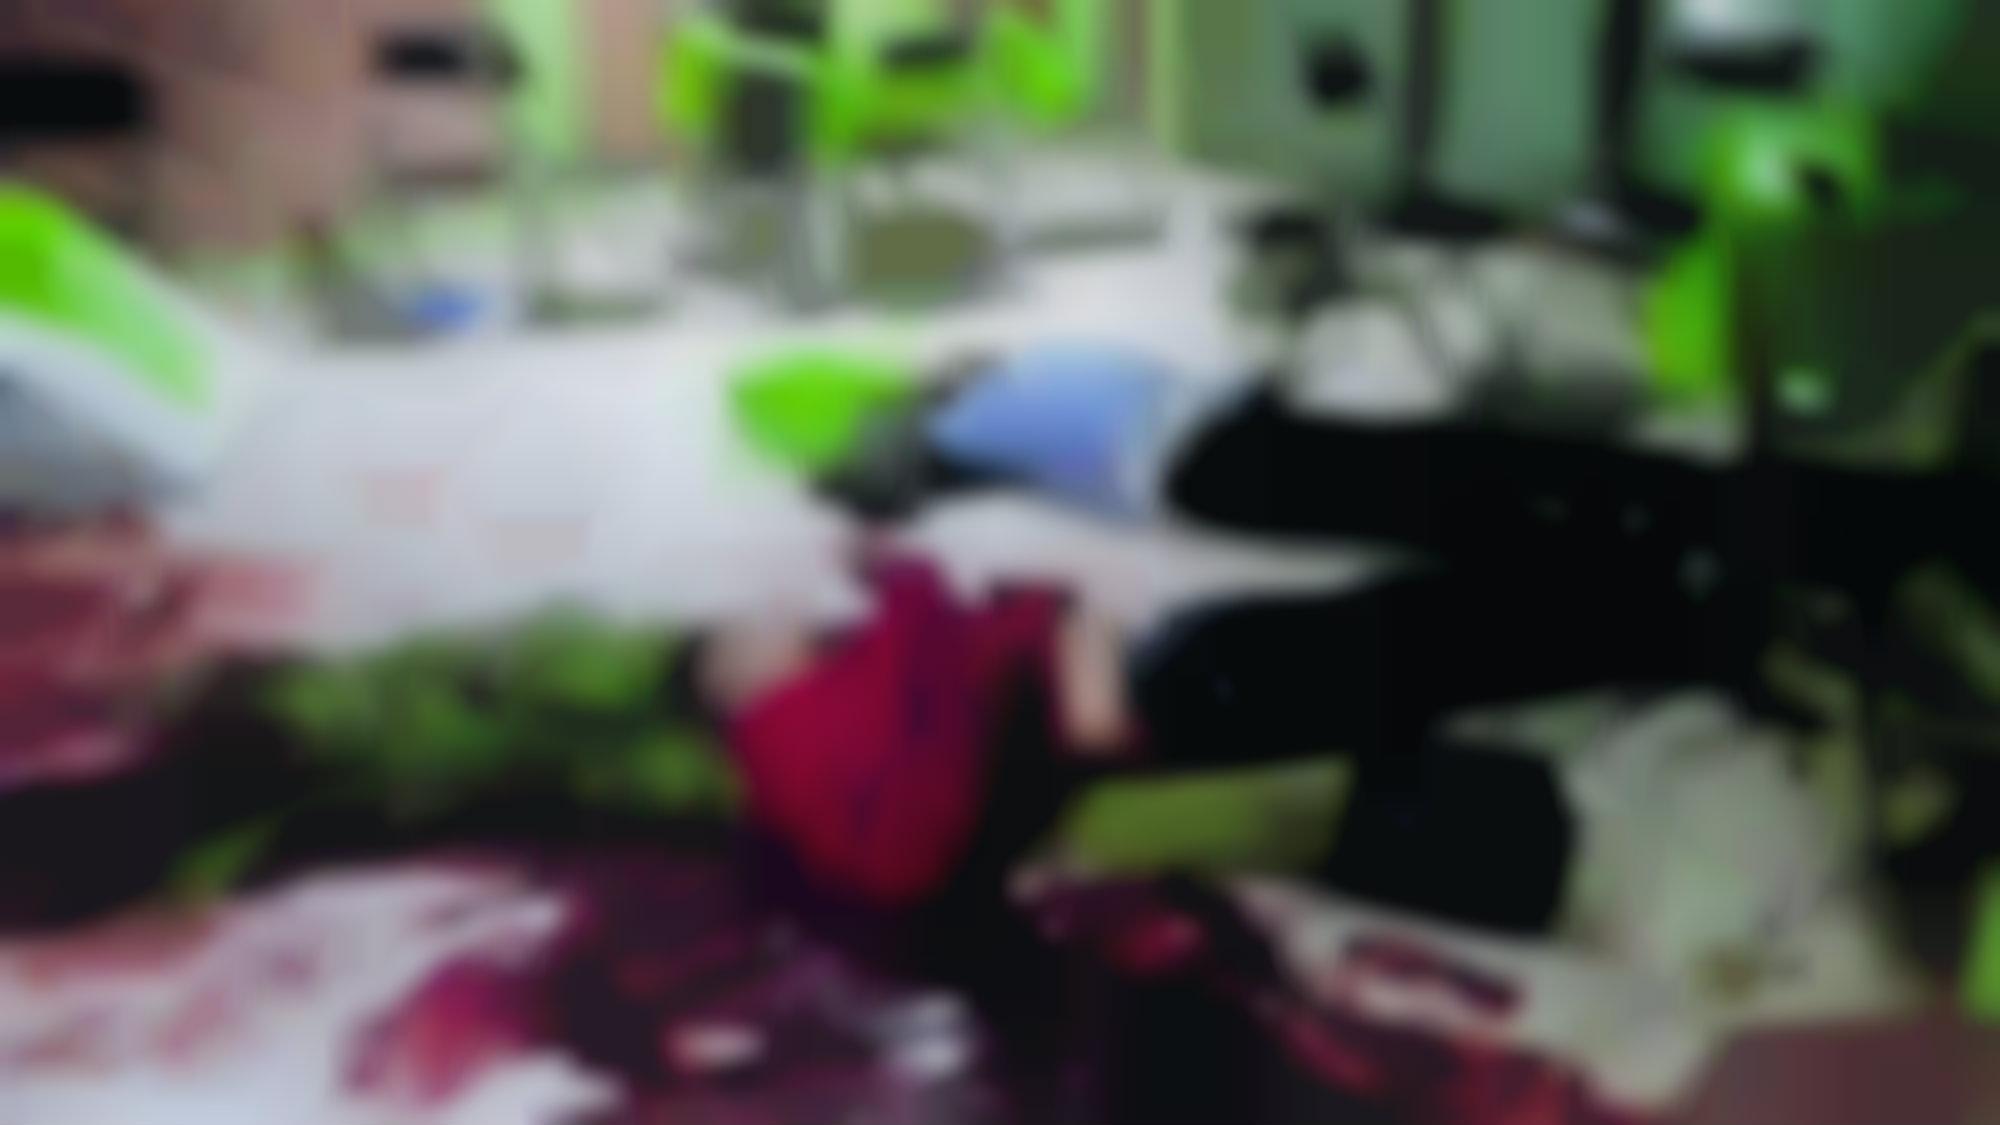 Balacera Morelos Grupos criminales Pleito